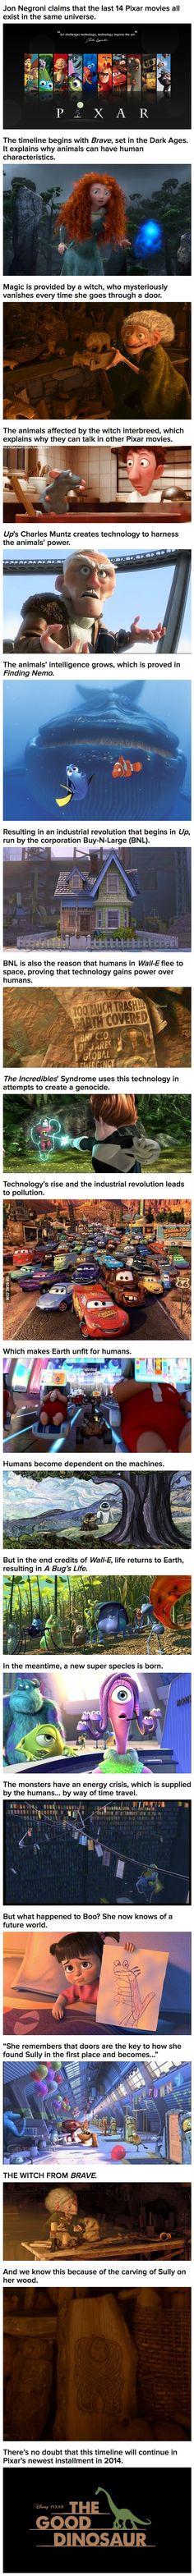 Pixar movies explained.